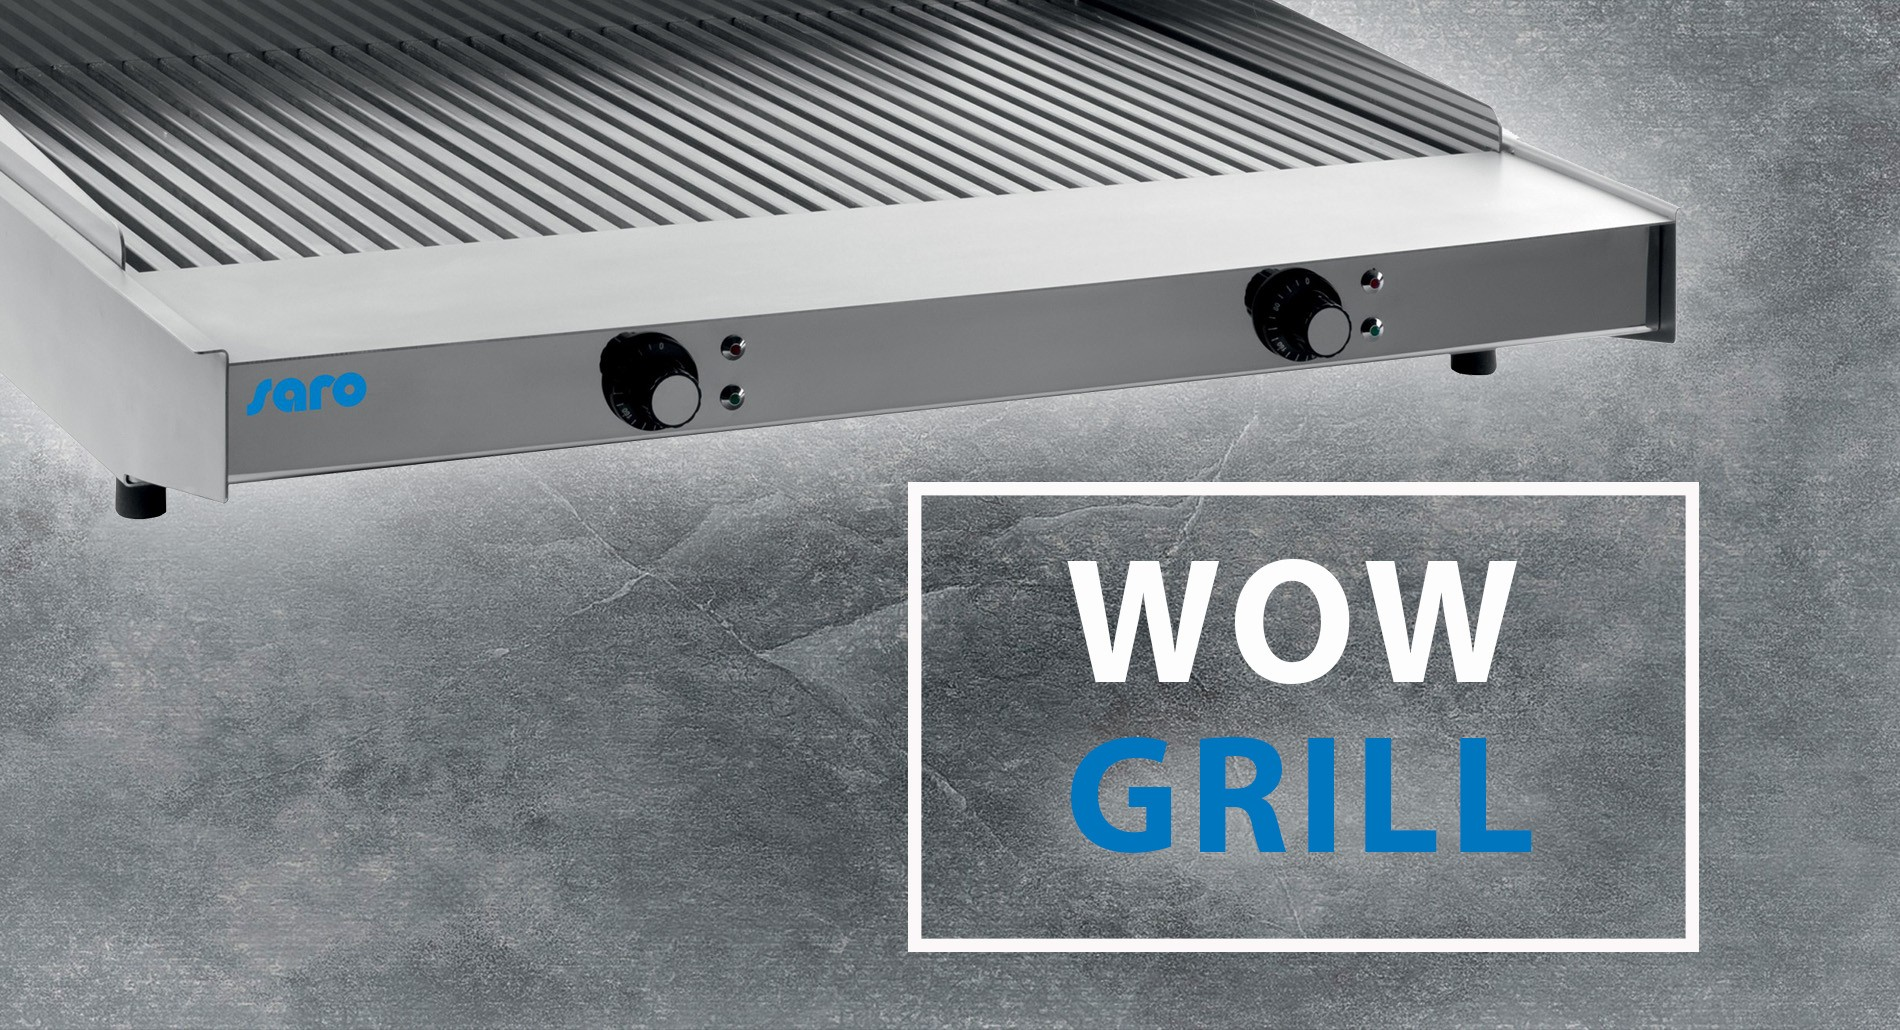 WOW GRILL - Für ein erstklassiges Grillerlebnis